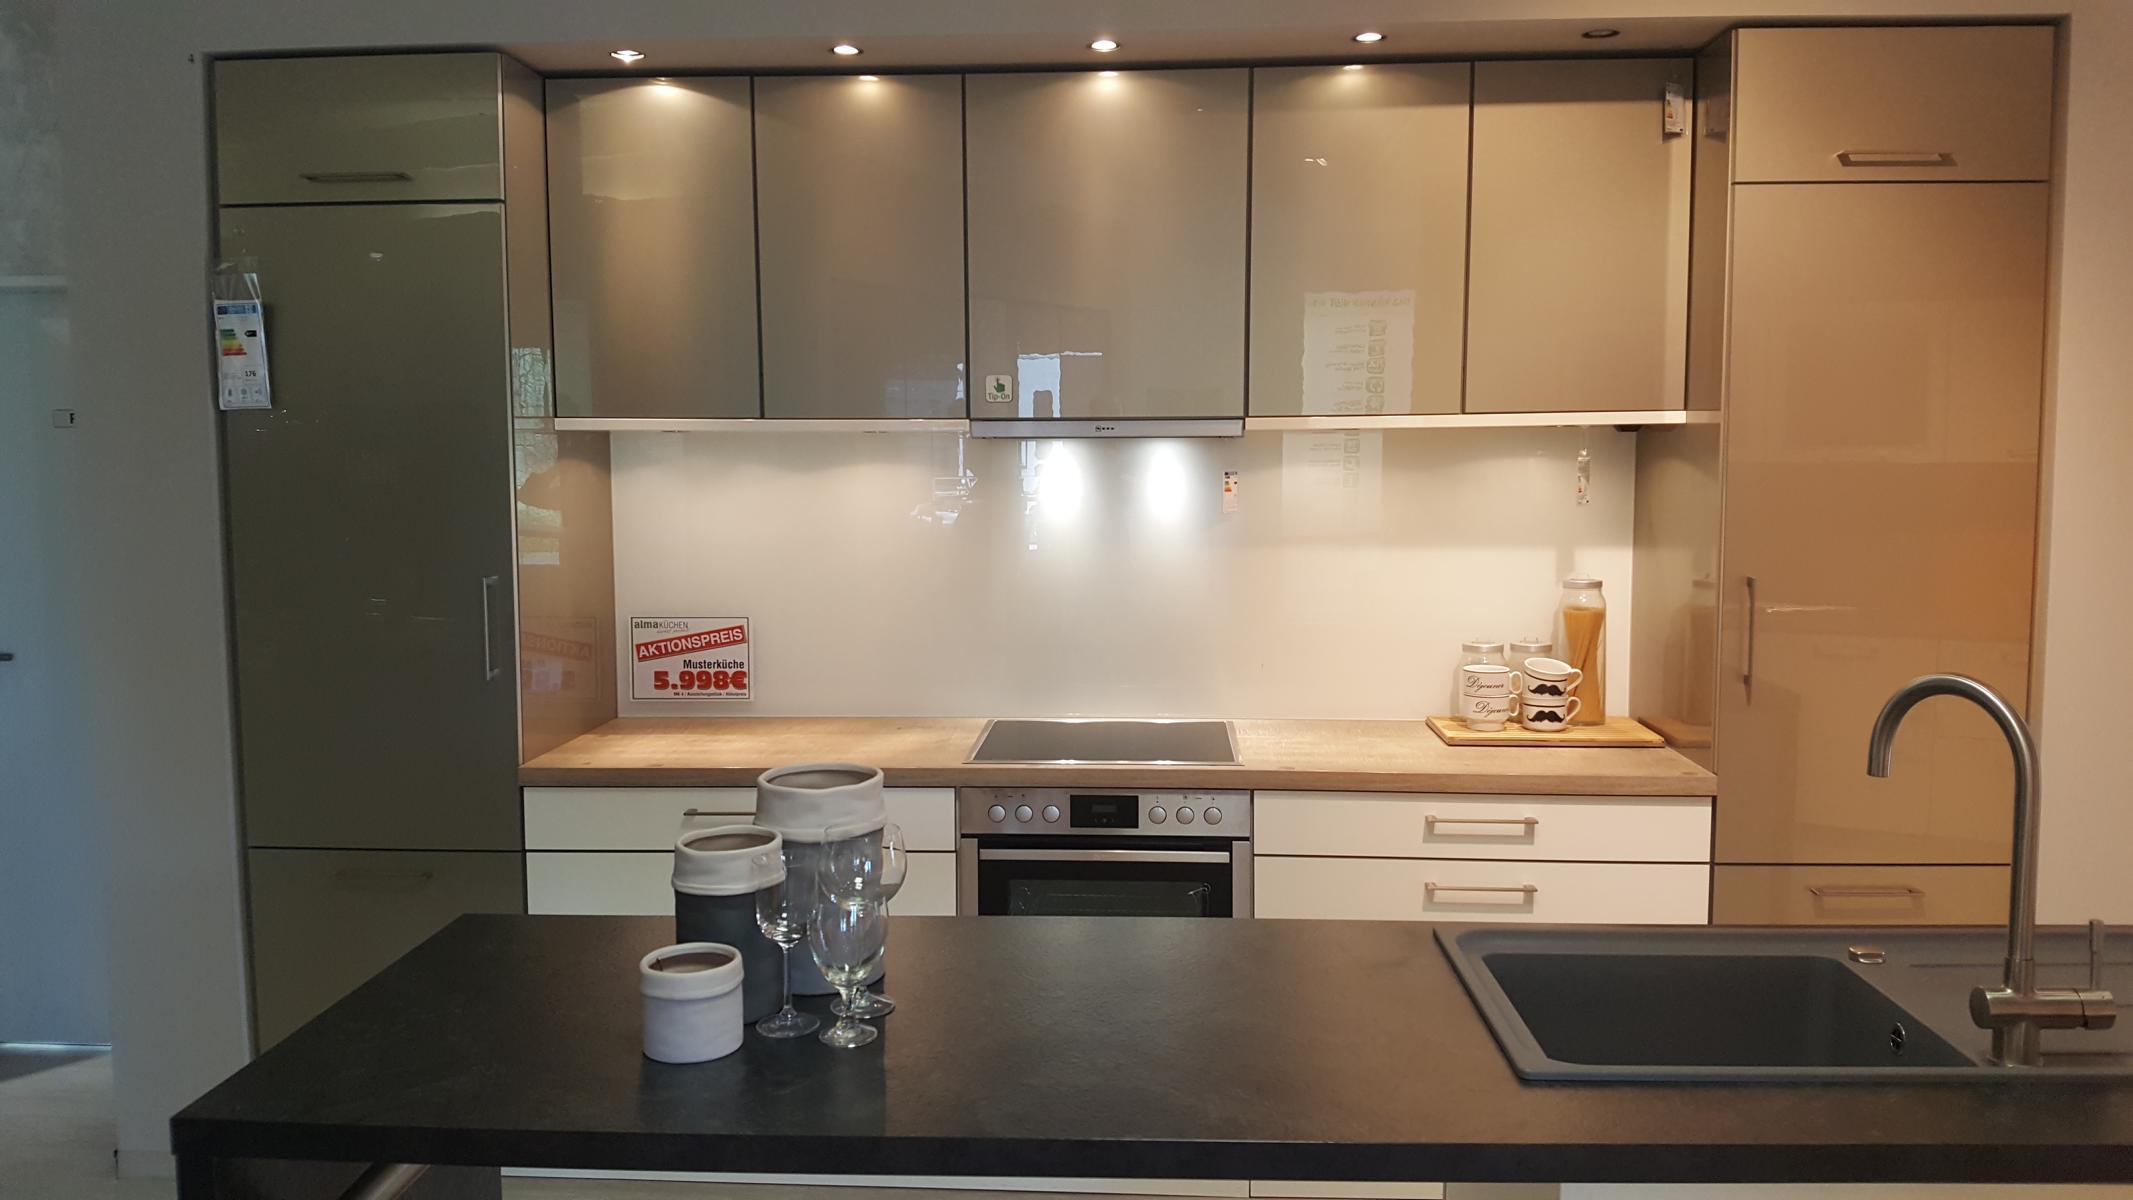 Full Size of Freistehende Küchen Musterkchen Moderne Kche Mit Freistehender Inselzeile Modell Küche Regal Wohnzimmer Freistehende Küchen